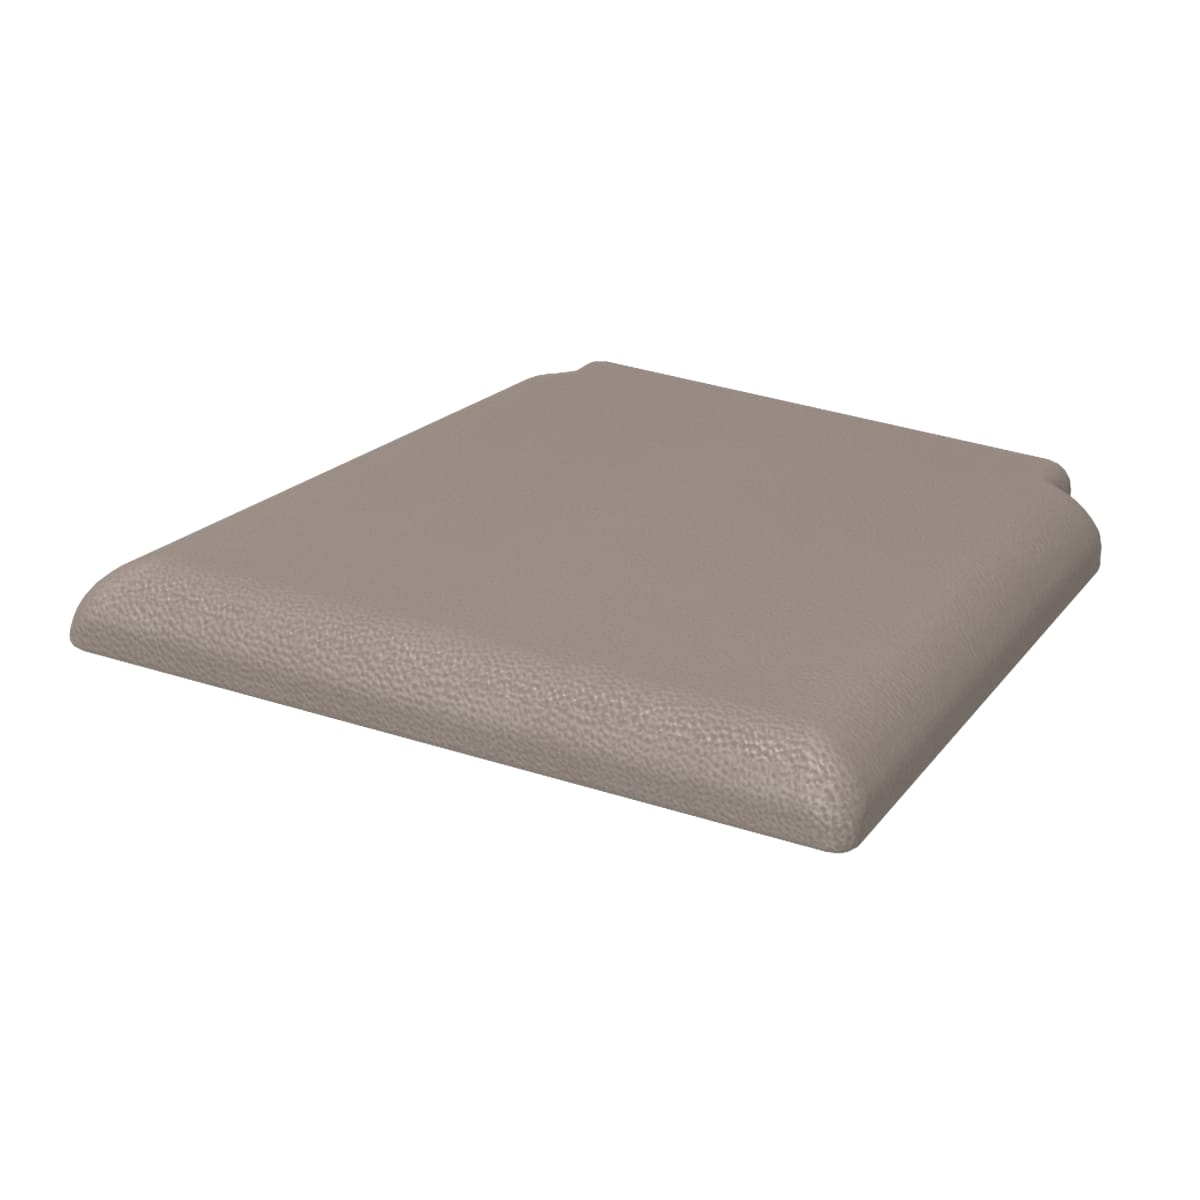 """Сиденье стула Delinia """"Марсель"""" 43.5х40.5 см, цвет коричневый"""